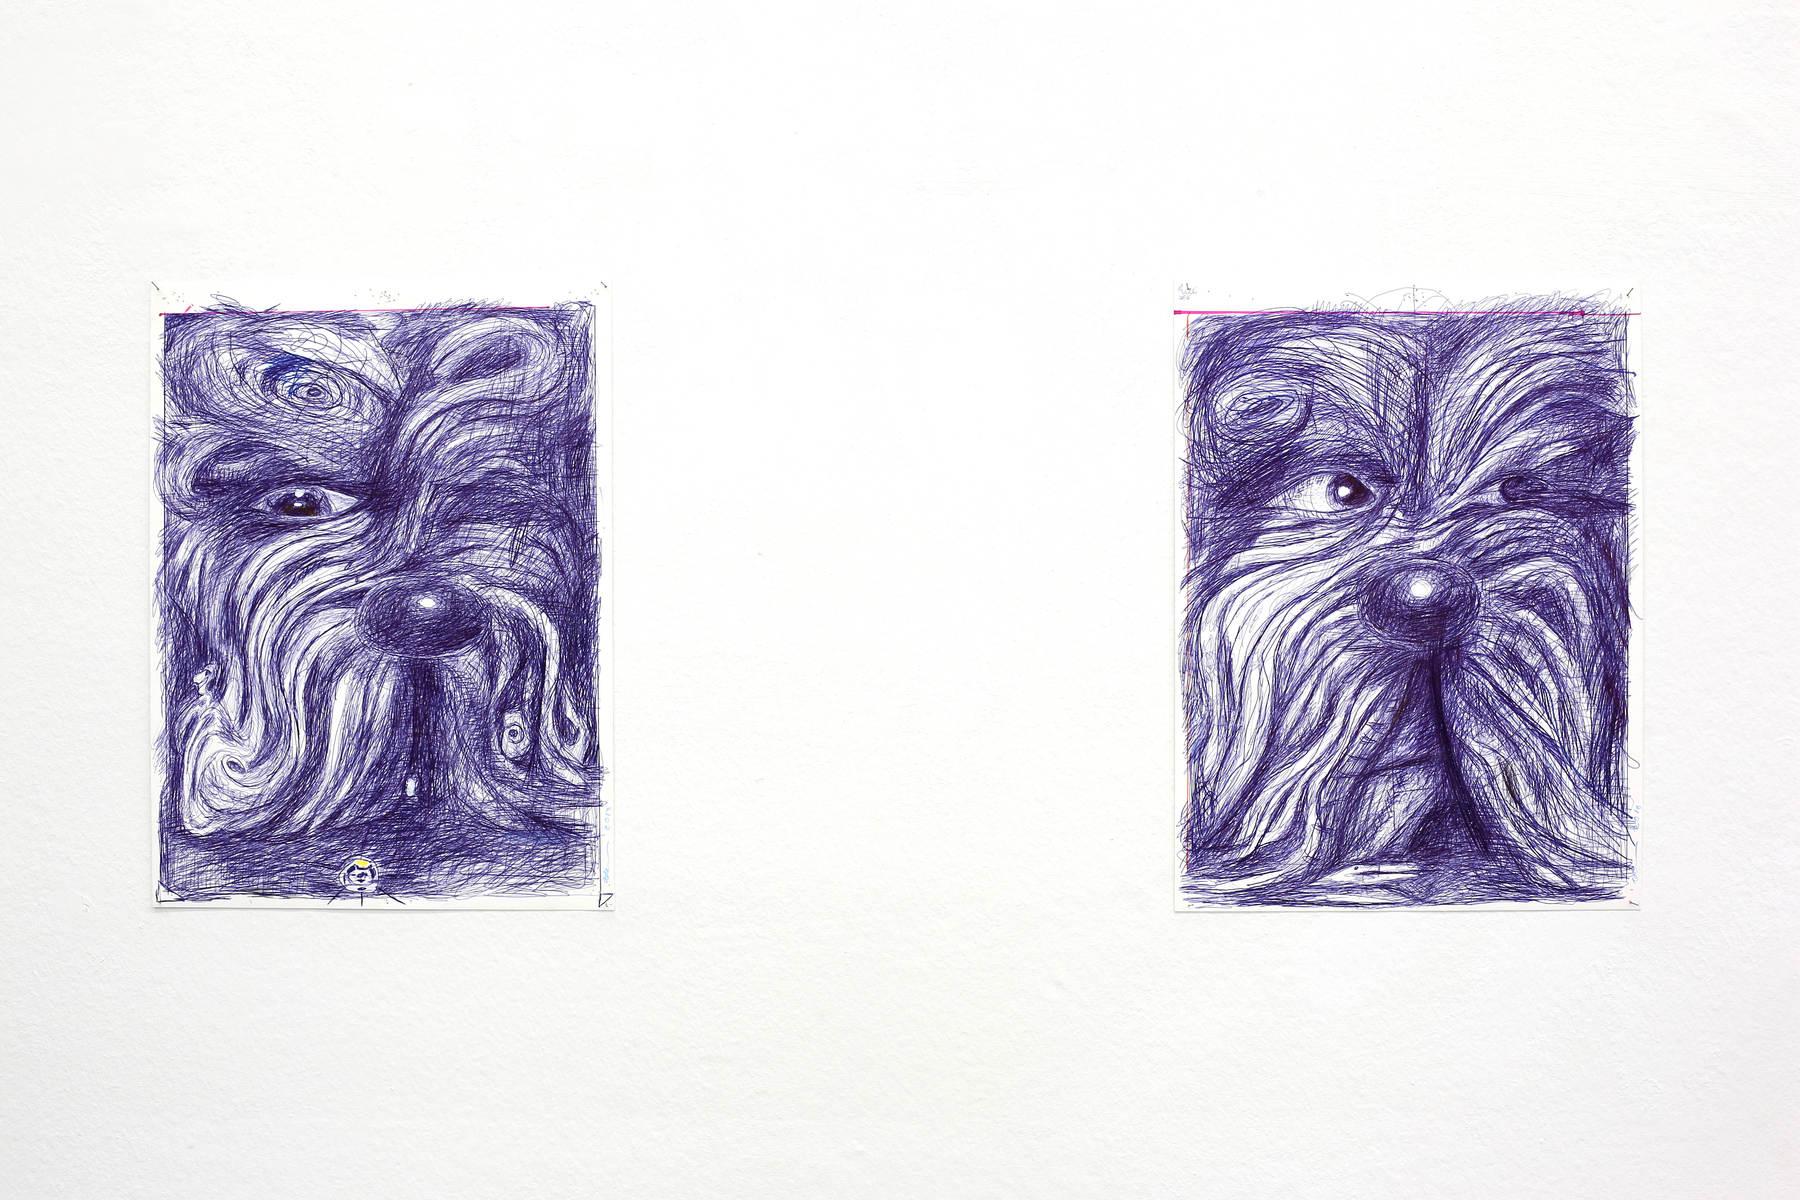 Warhus Rittershaus, Untitled 3, IV_09